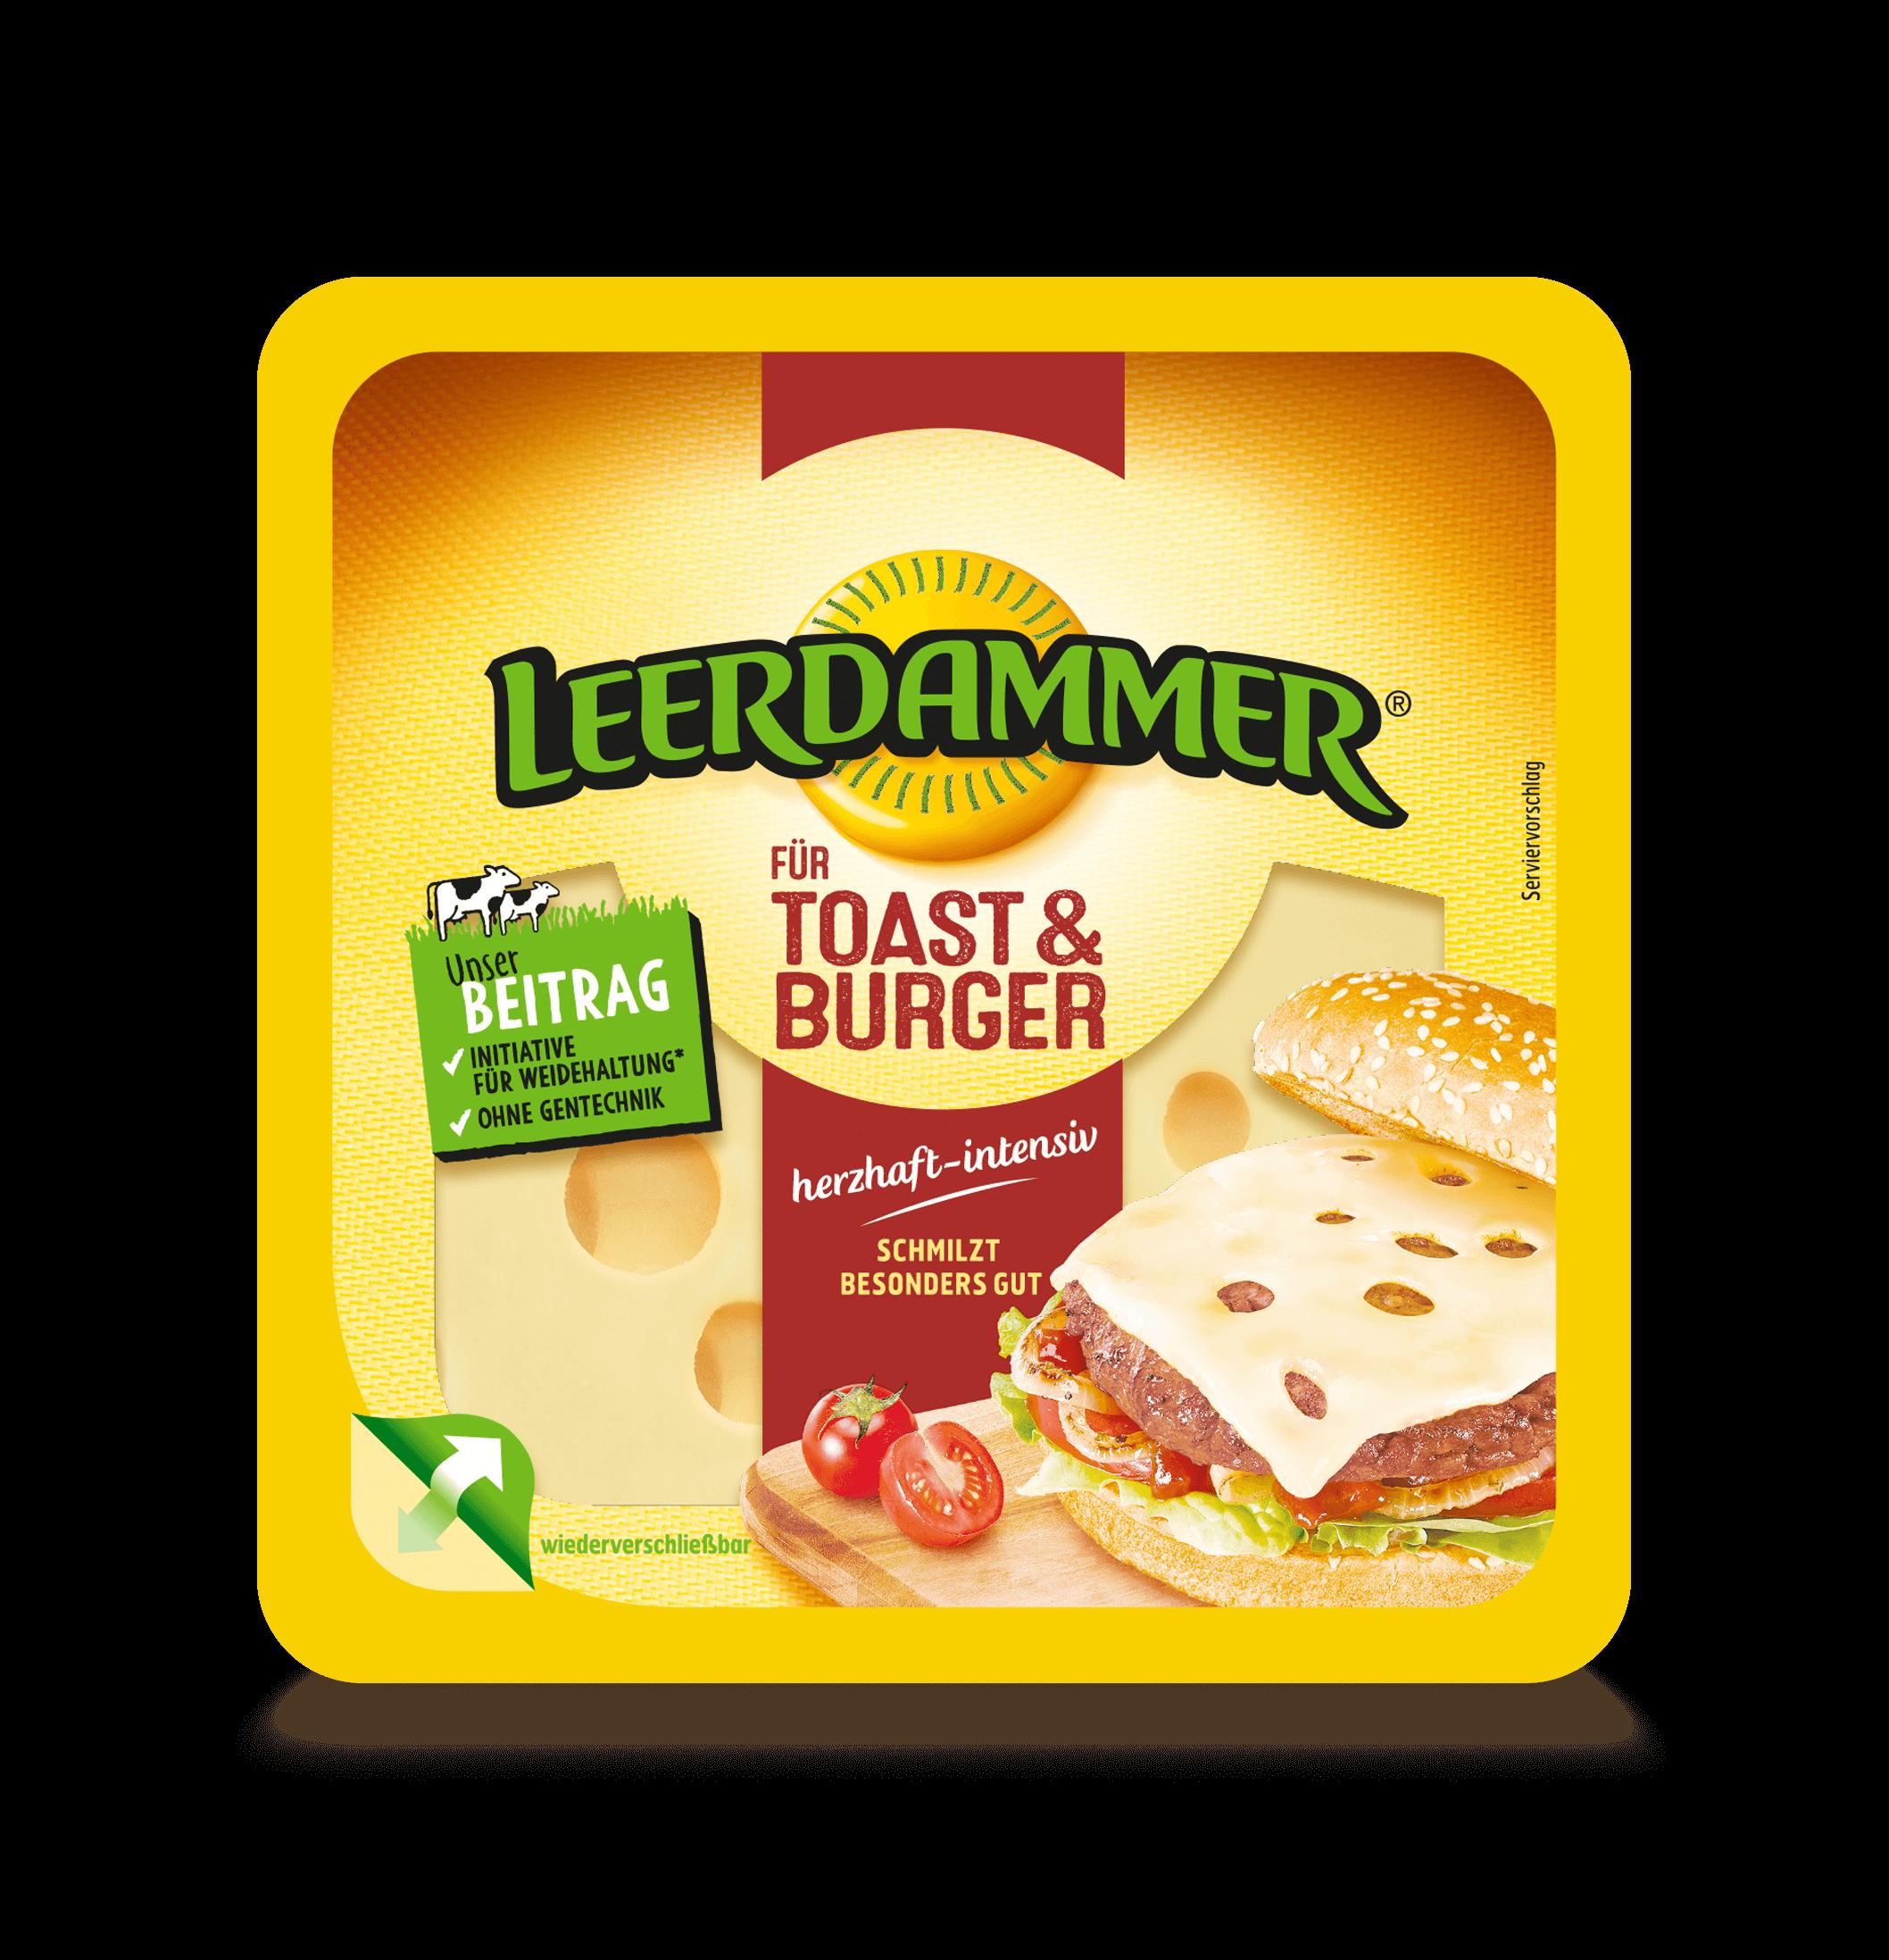 Lee000909 Lrd Toast Burger Herzhaft Intensiv 8S De Vlog Front